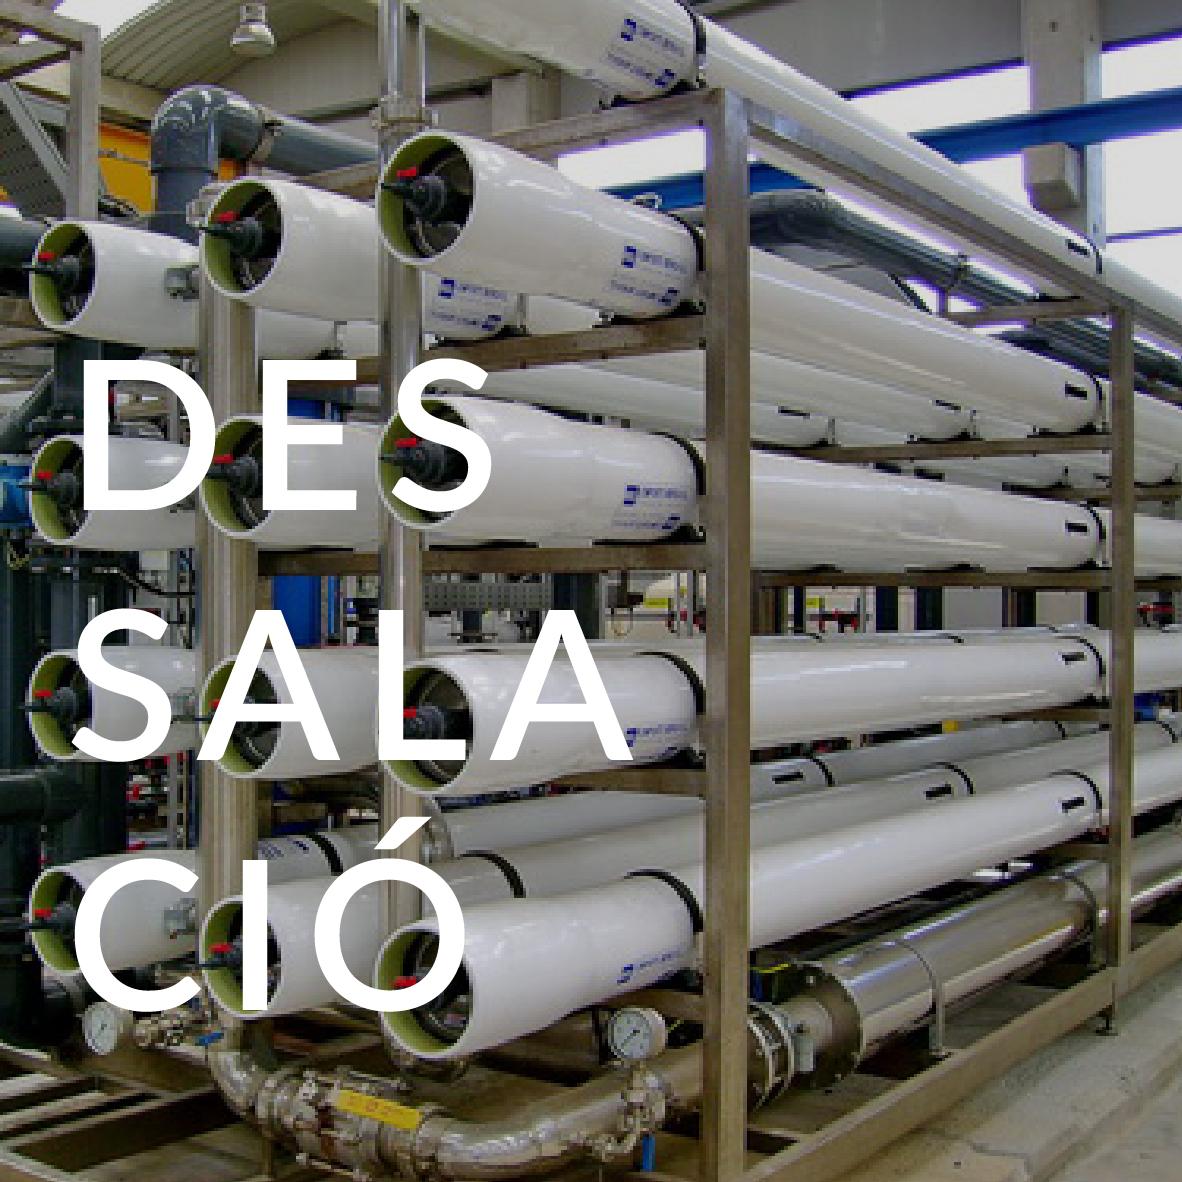 Serveis de dessalació AREMA